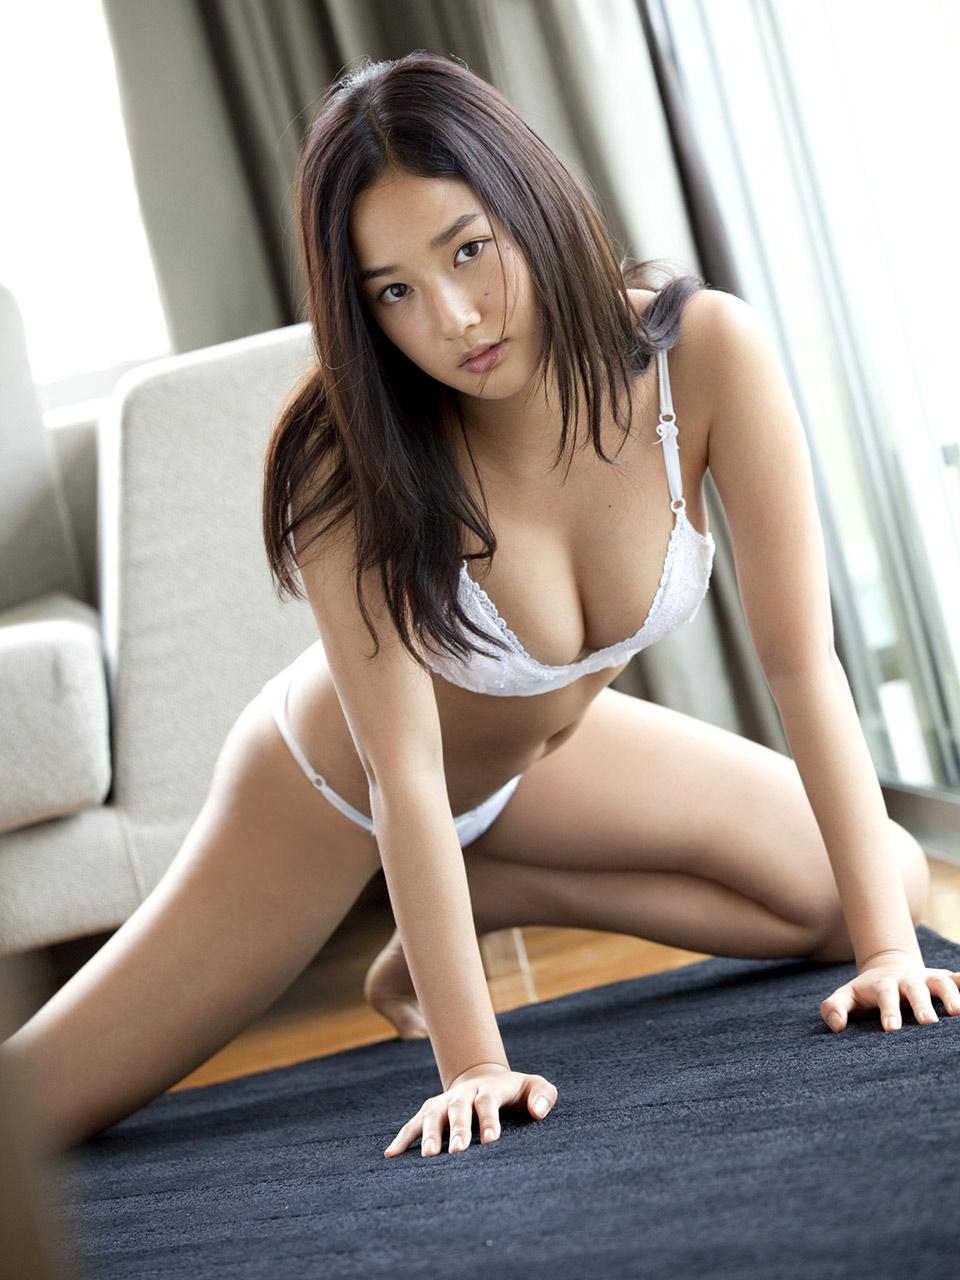 Haruka aida good looking real asian 8